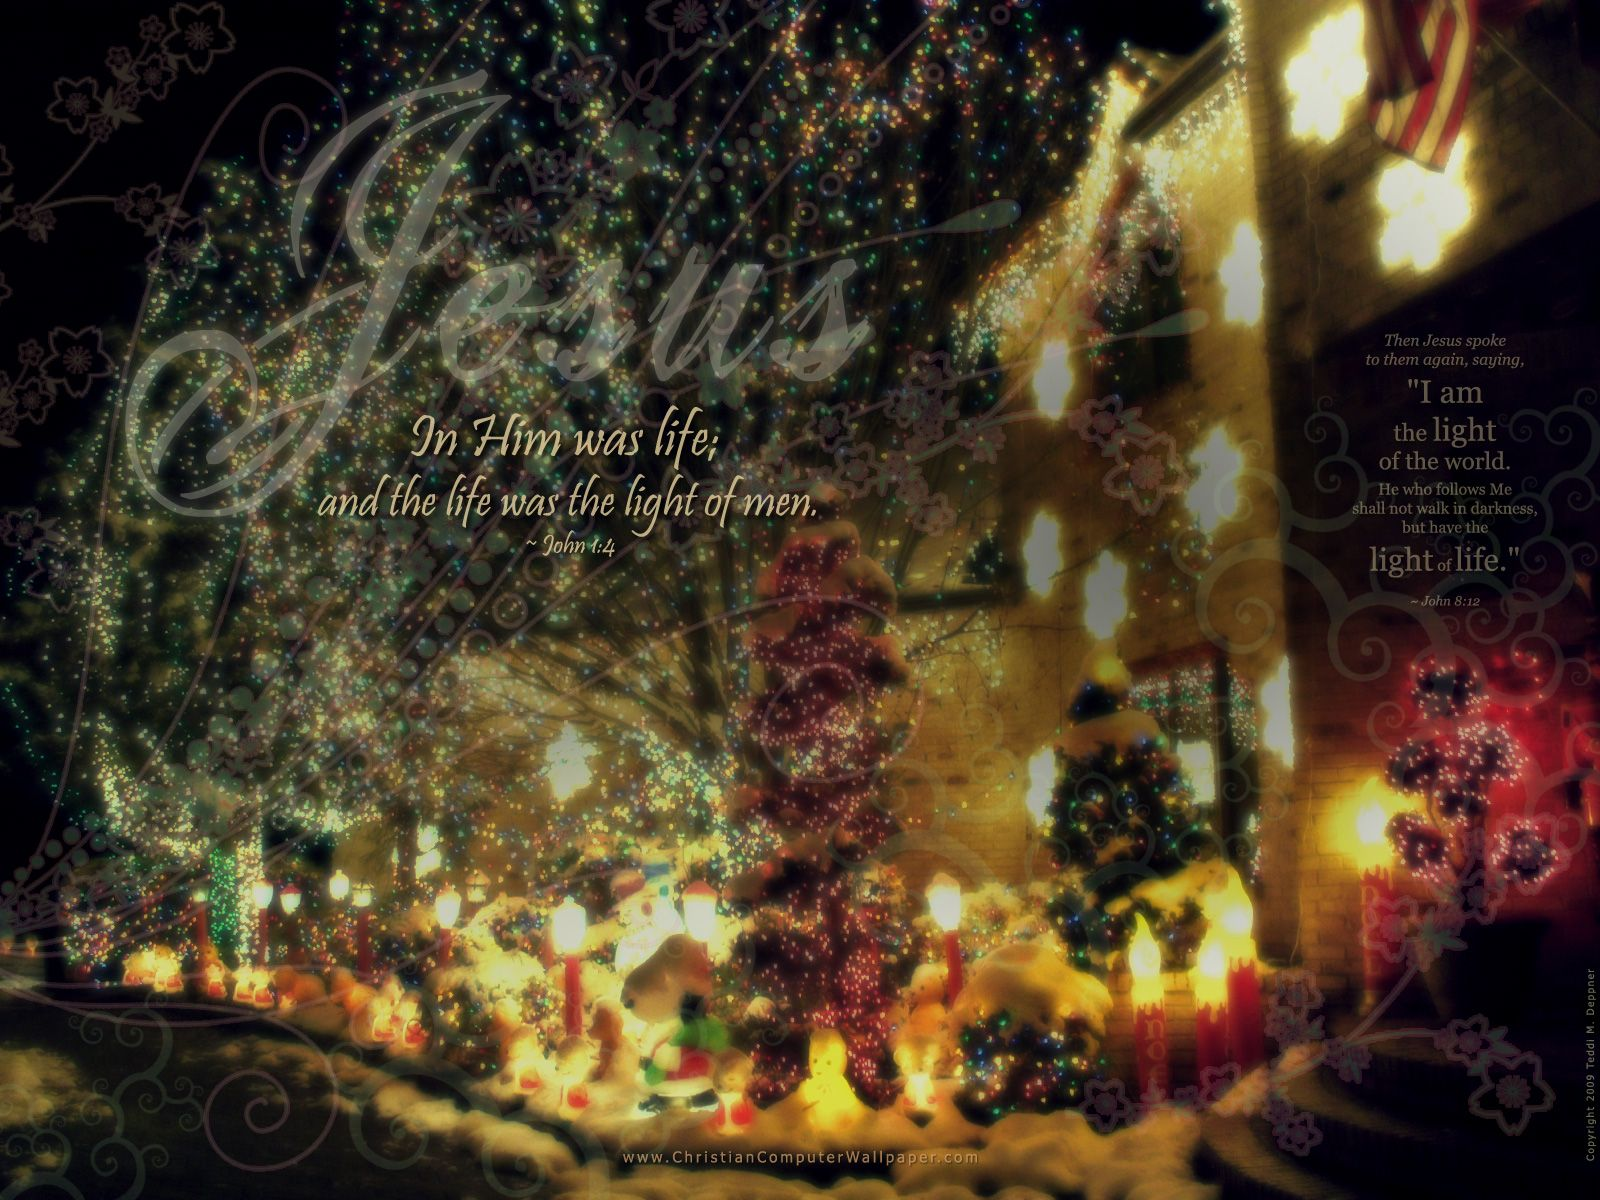 Jesus and Christmas – John 1:4 Papel de Parede Imagem